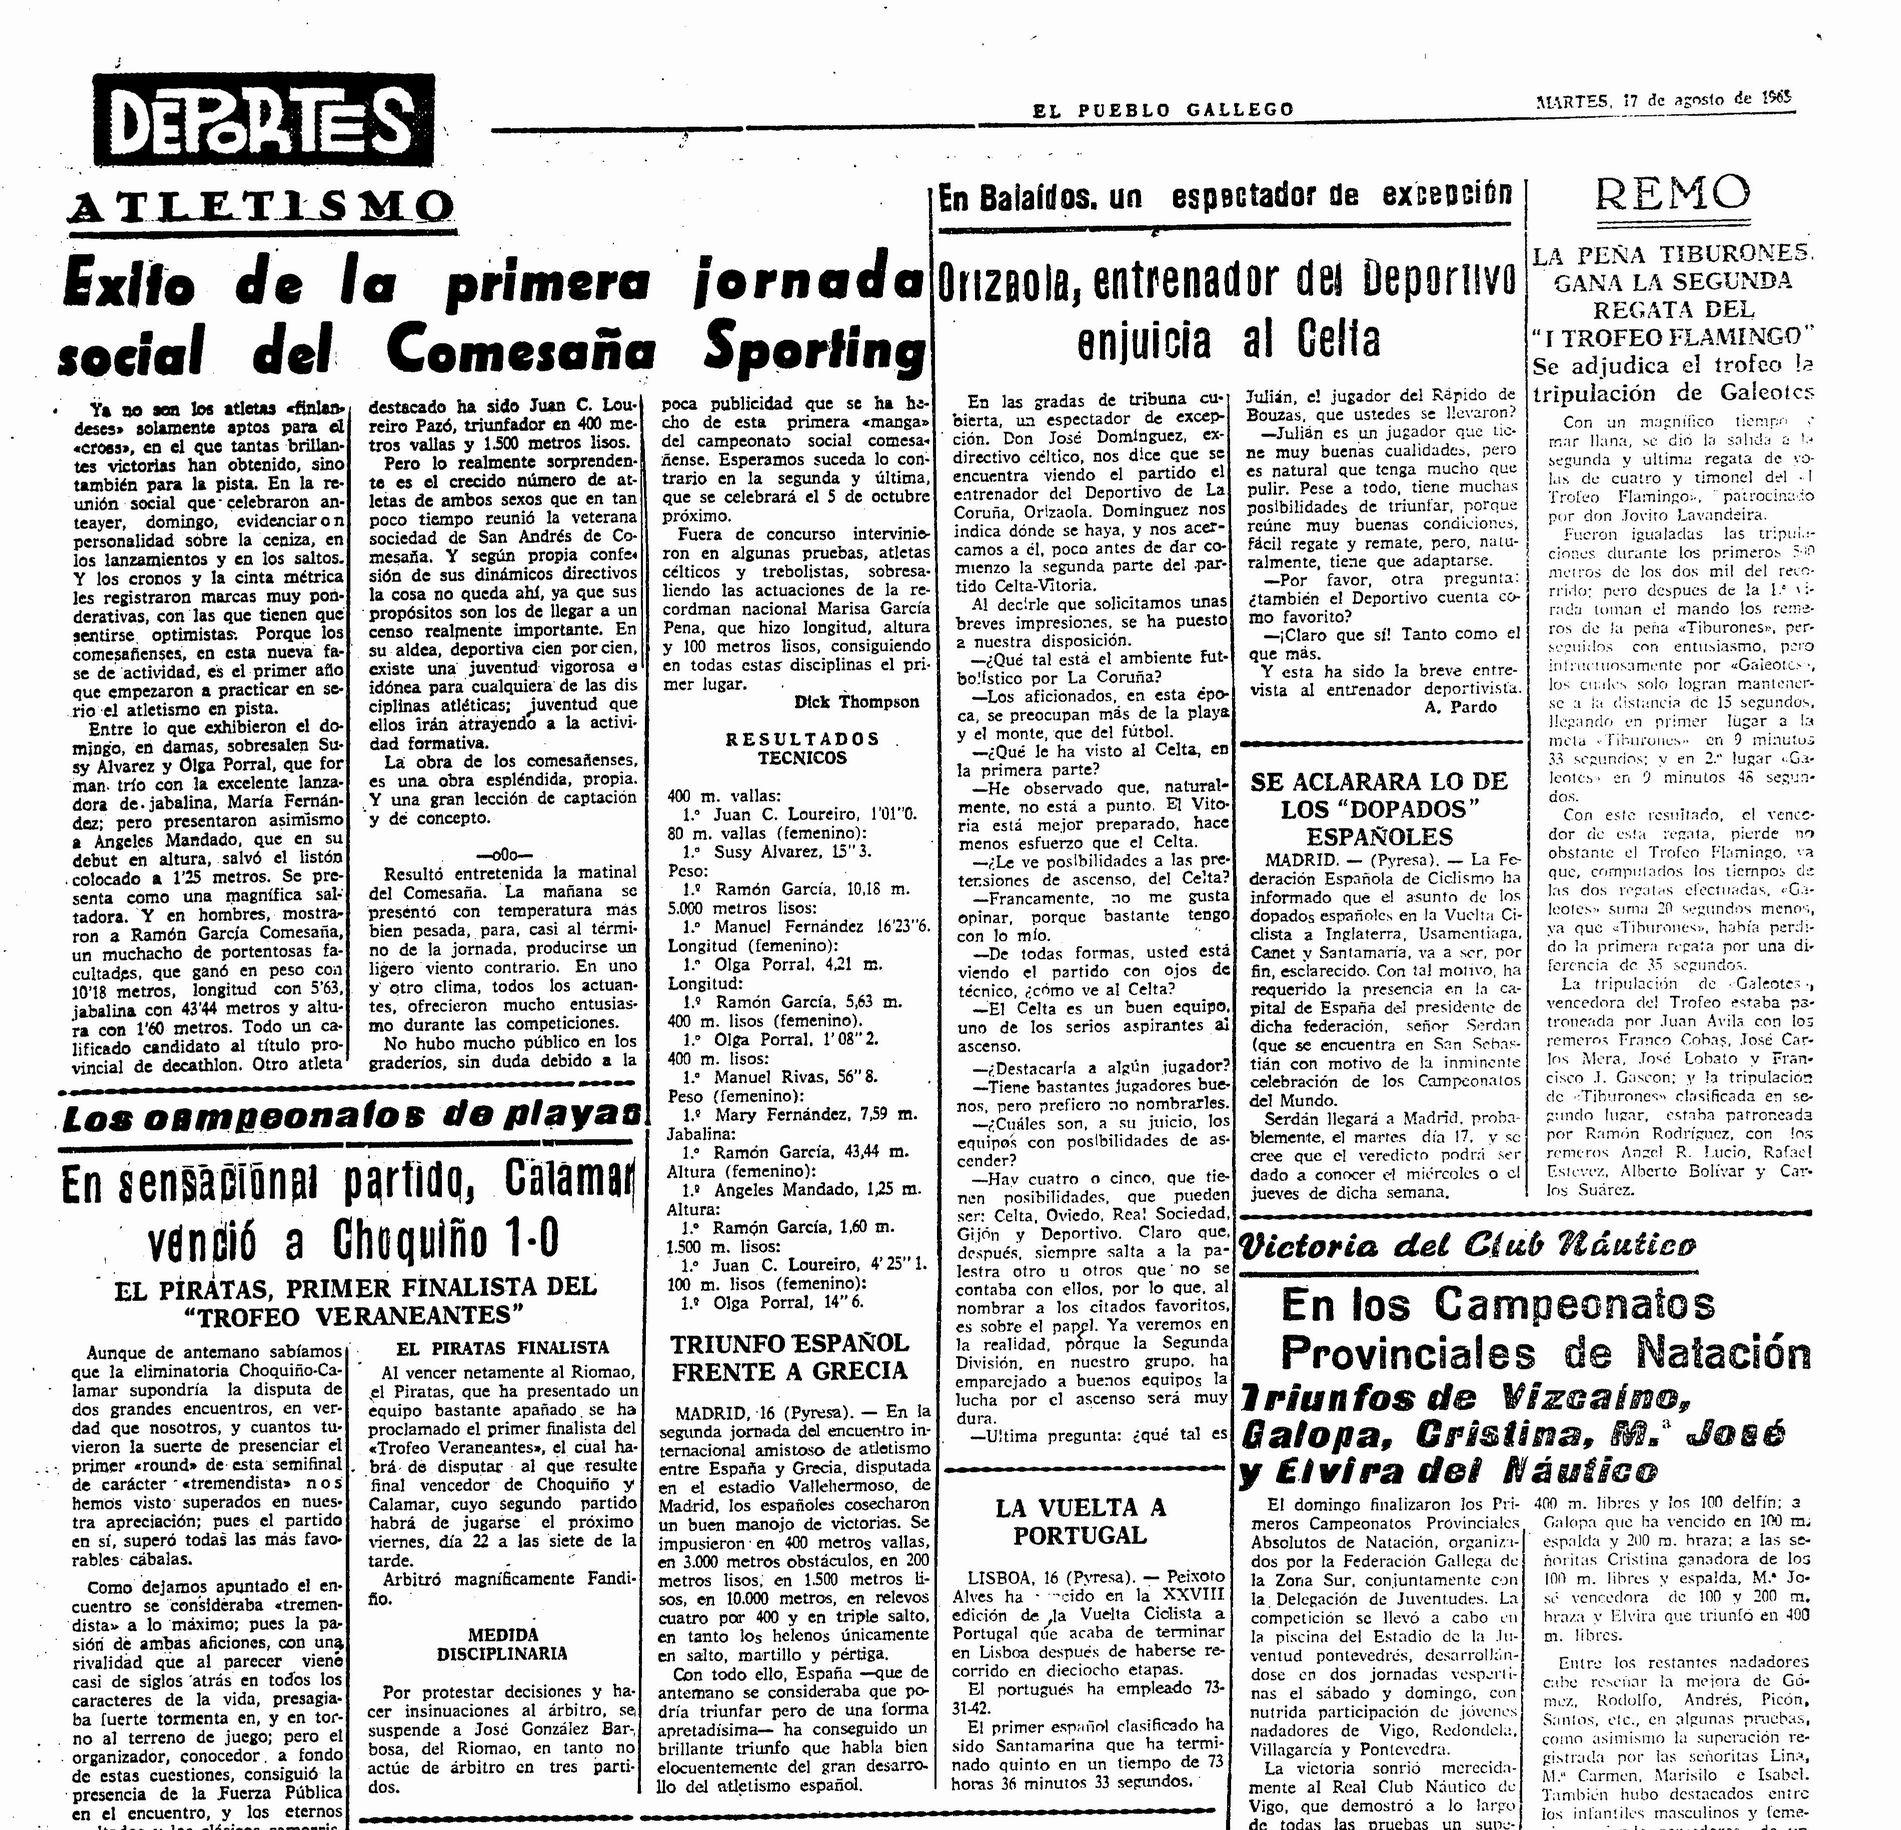 El Pueblo Gallego 17-08-1965